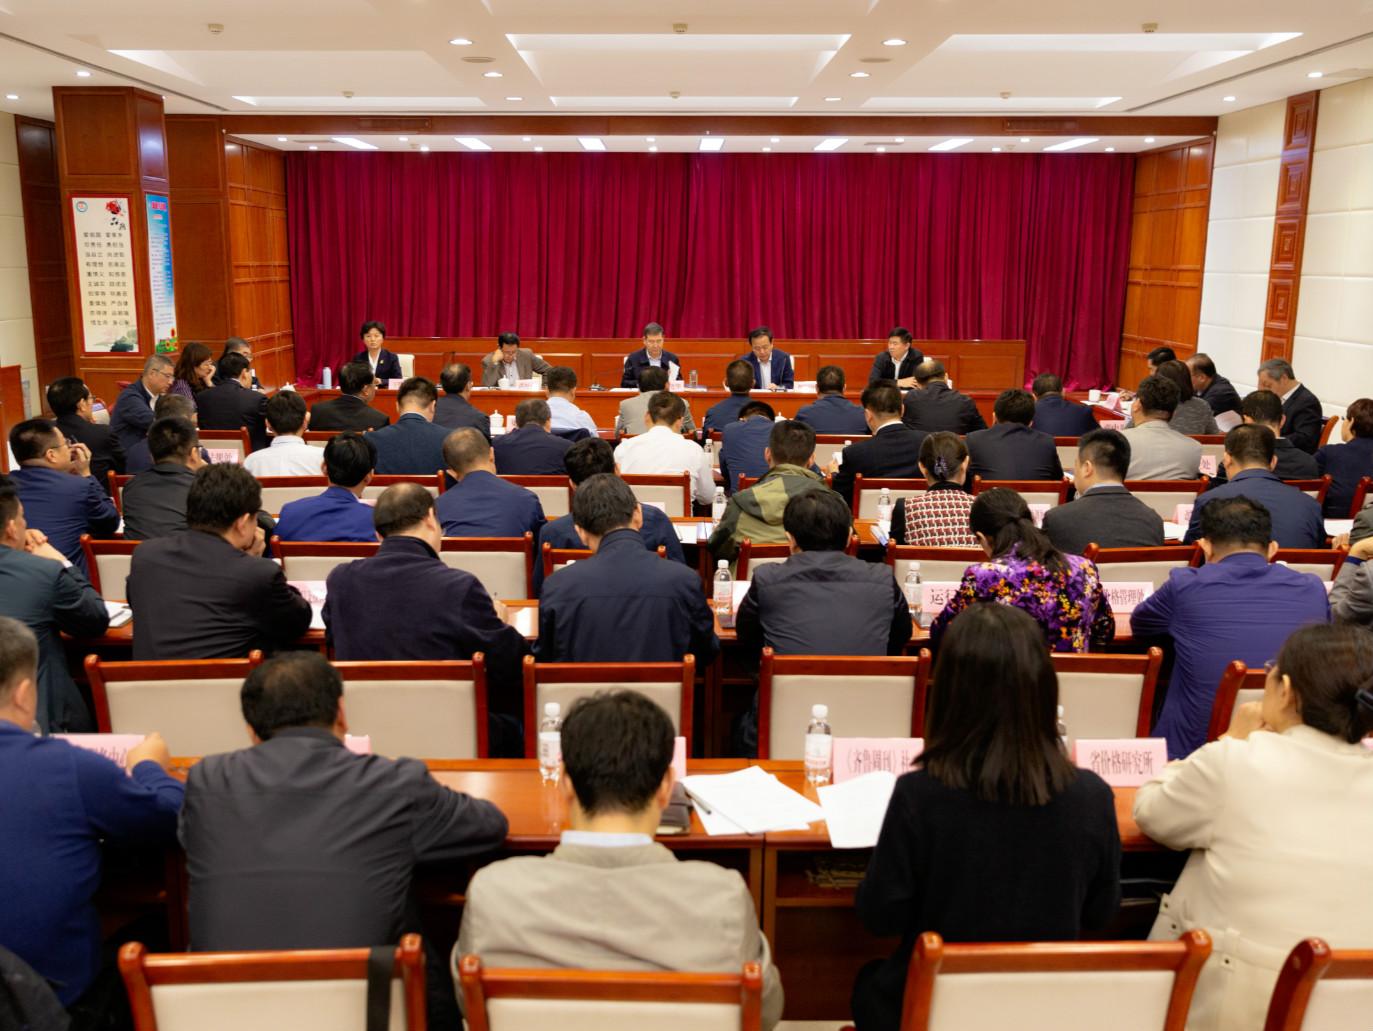 山东省发展改革委组织召开委党组扩大会议 研究部署今年经济形势和下步工作